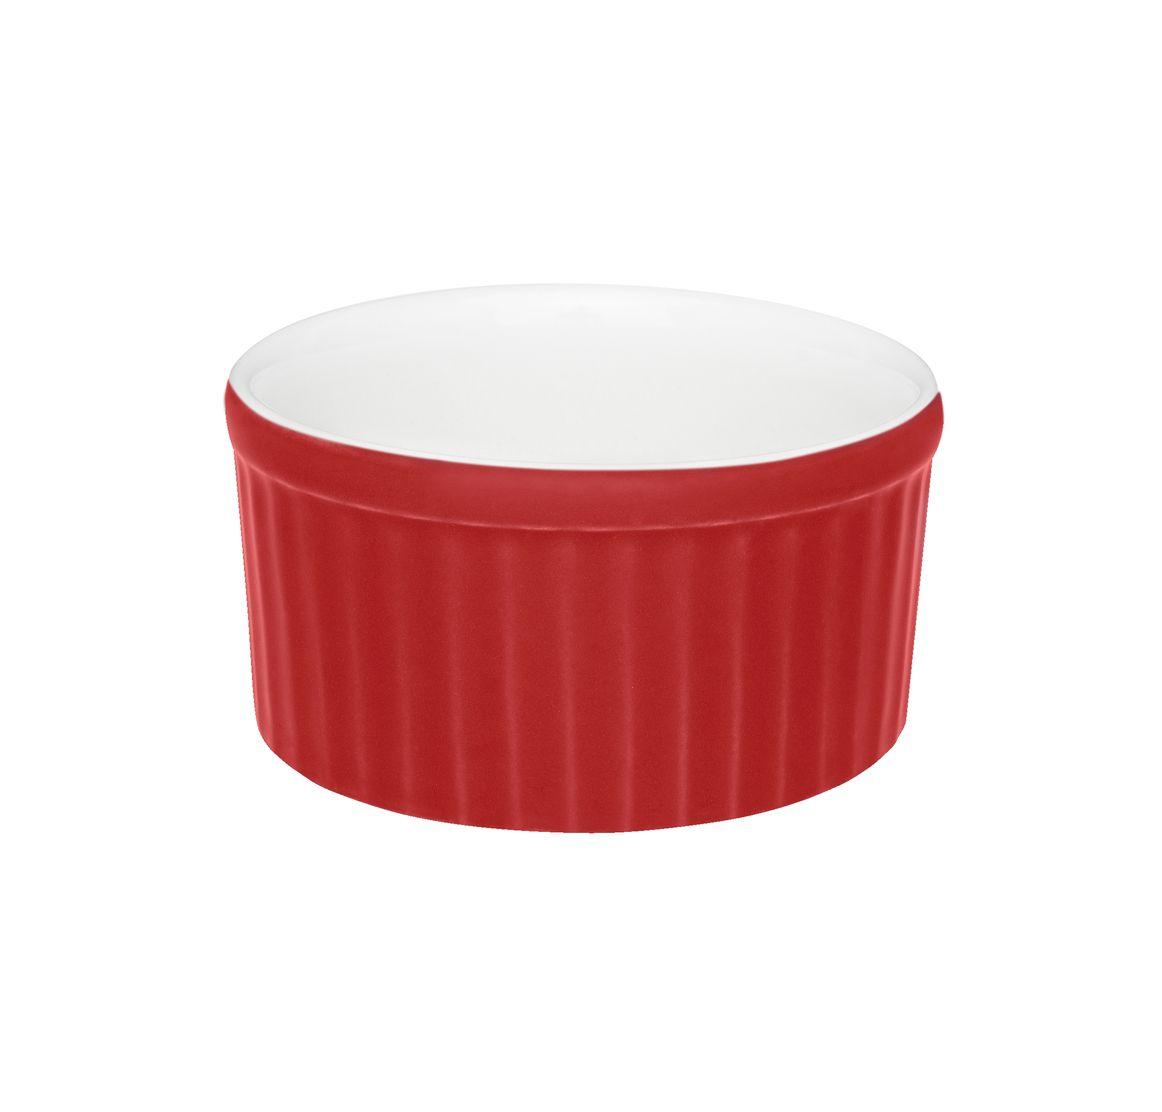 Tigela Ramequin 10X5Cm 180Ml - Branco/Vermelho - Oxford Cookware